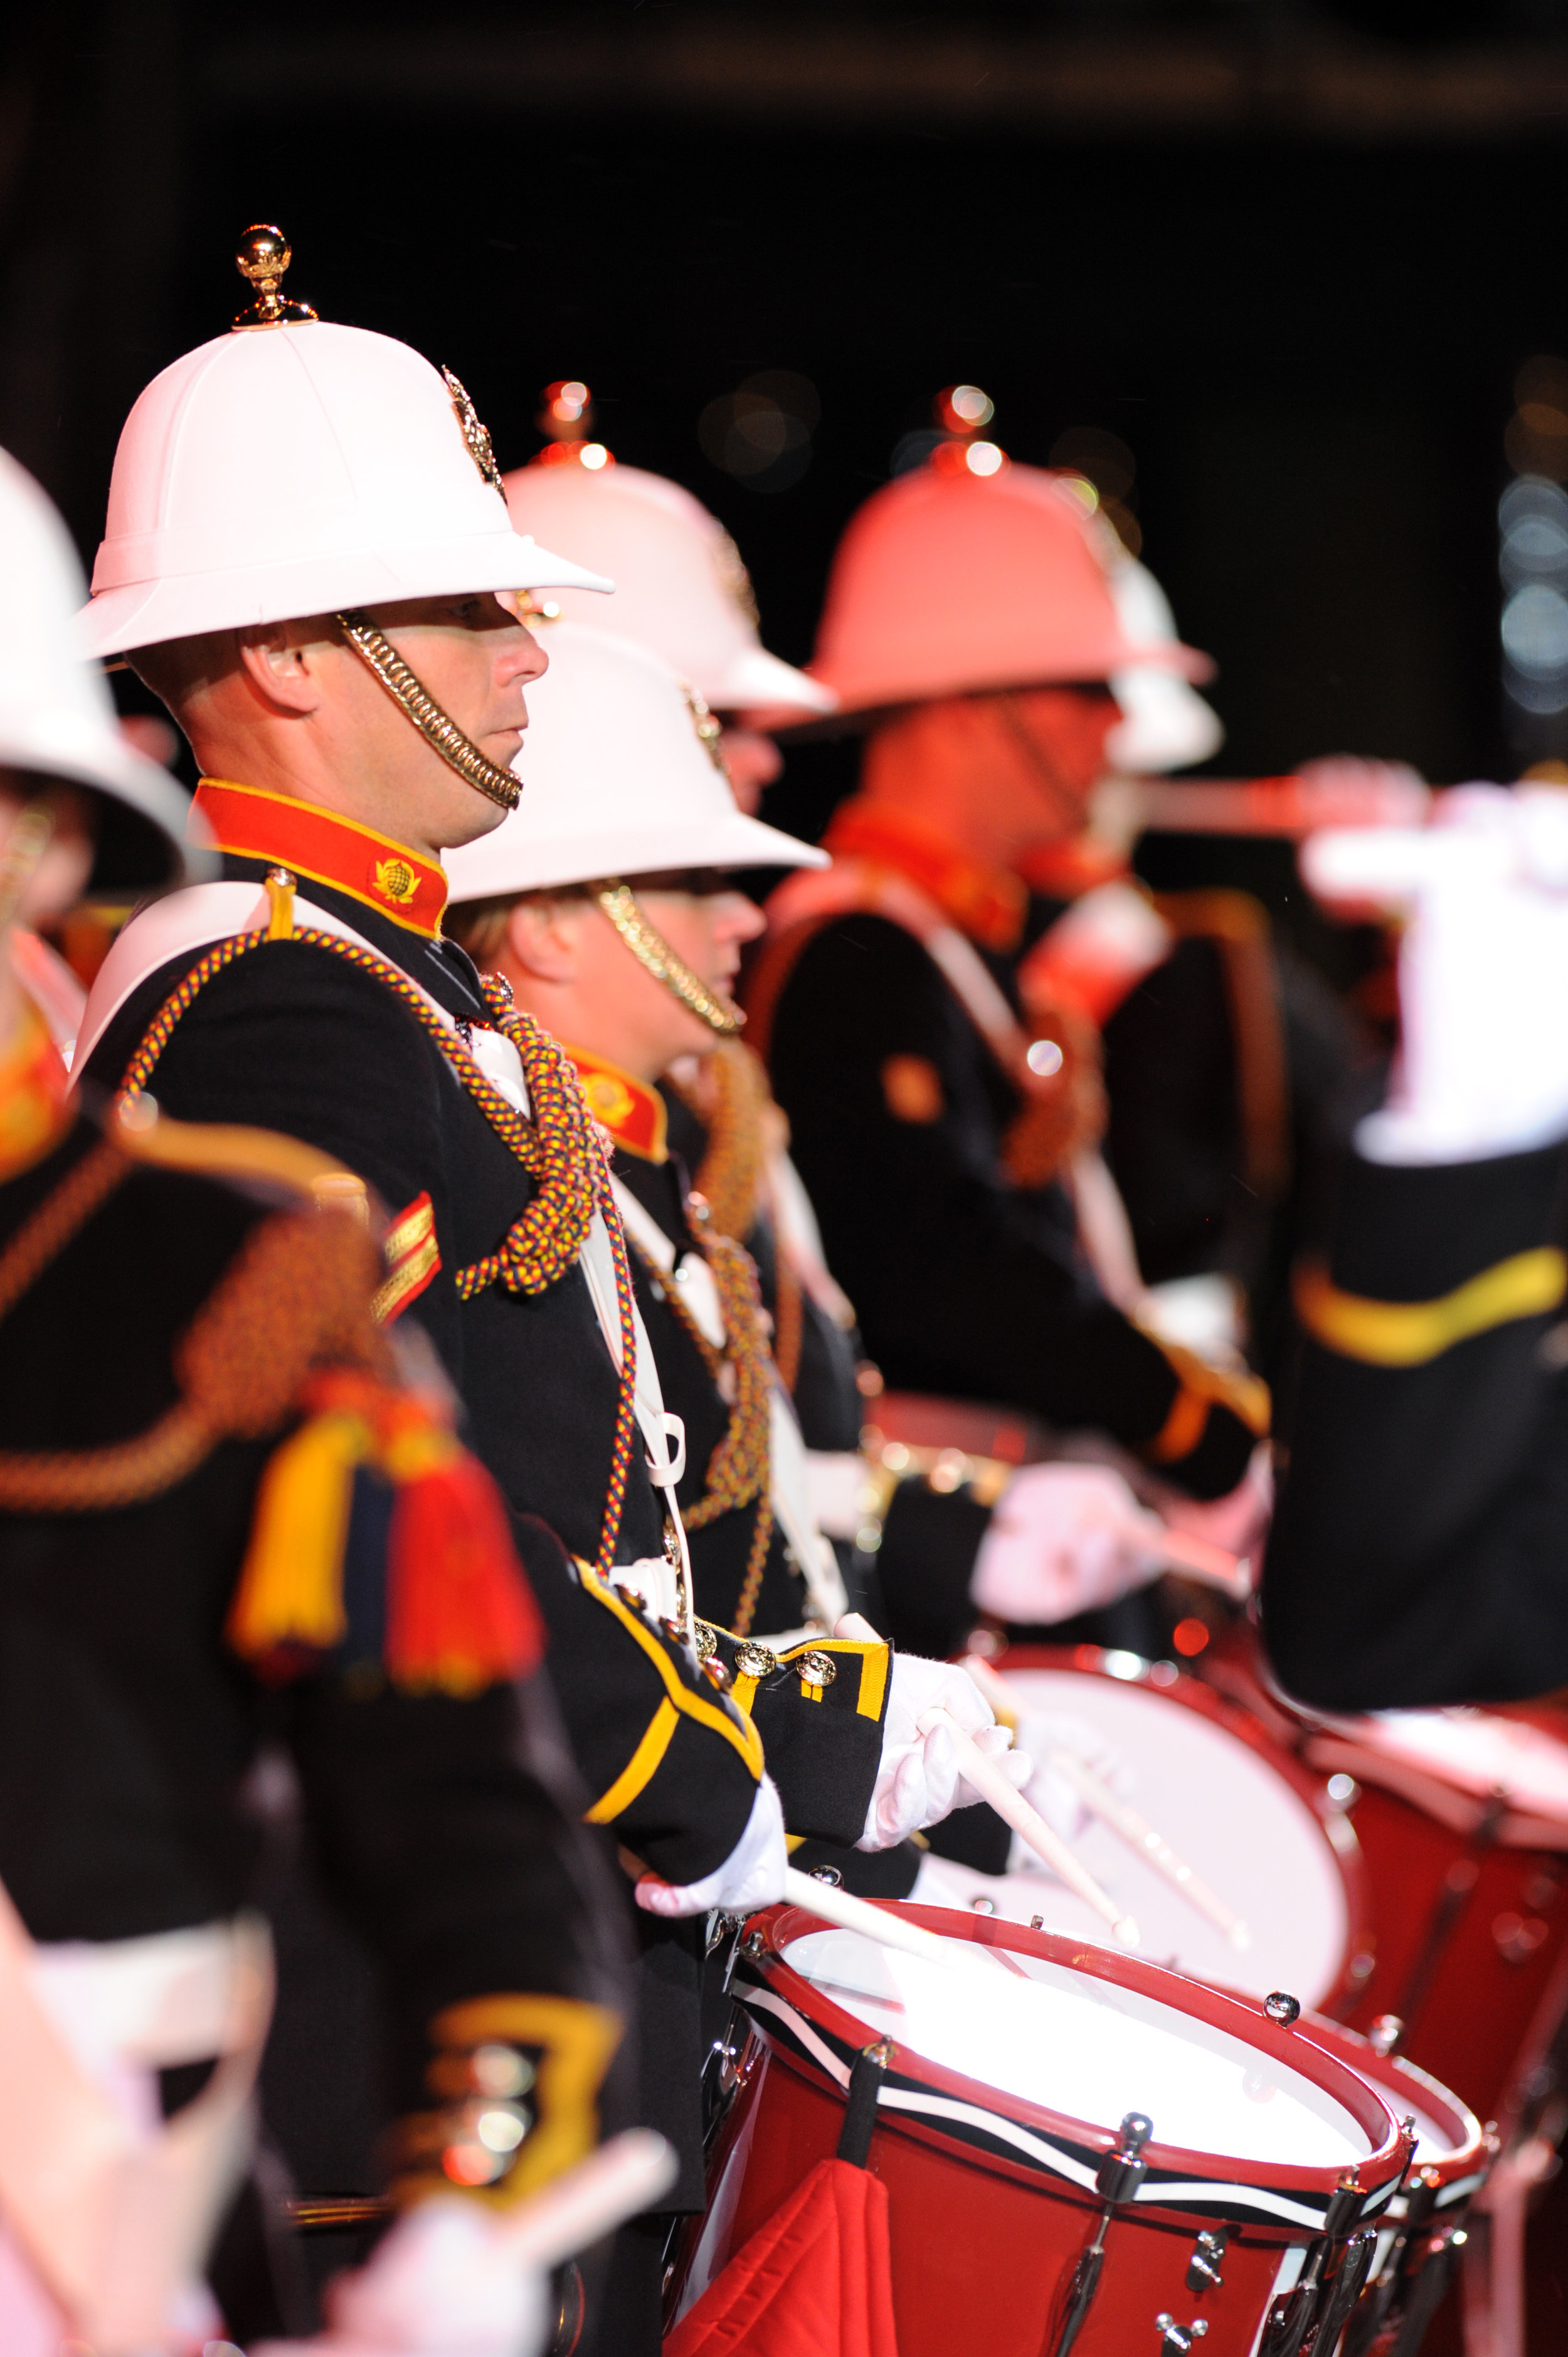 Royal_Marines_Band_original.jpeg